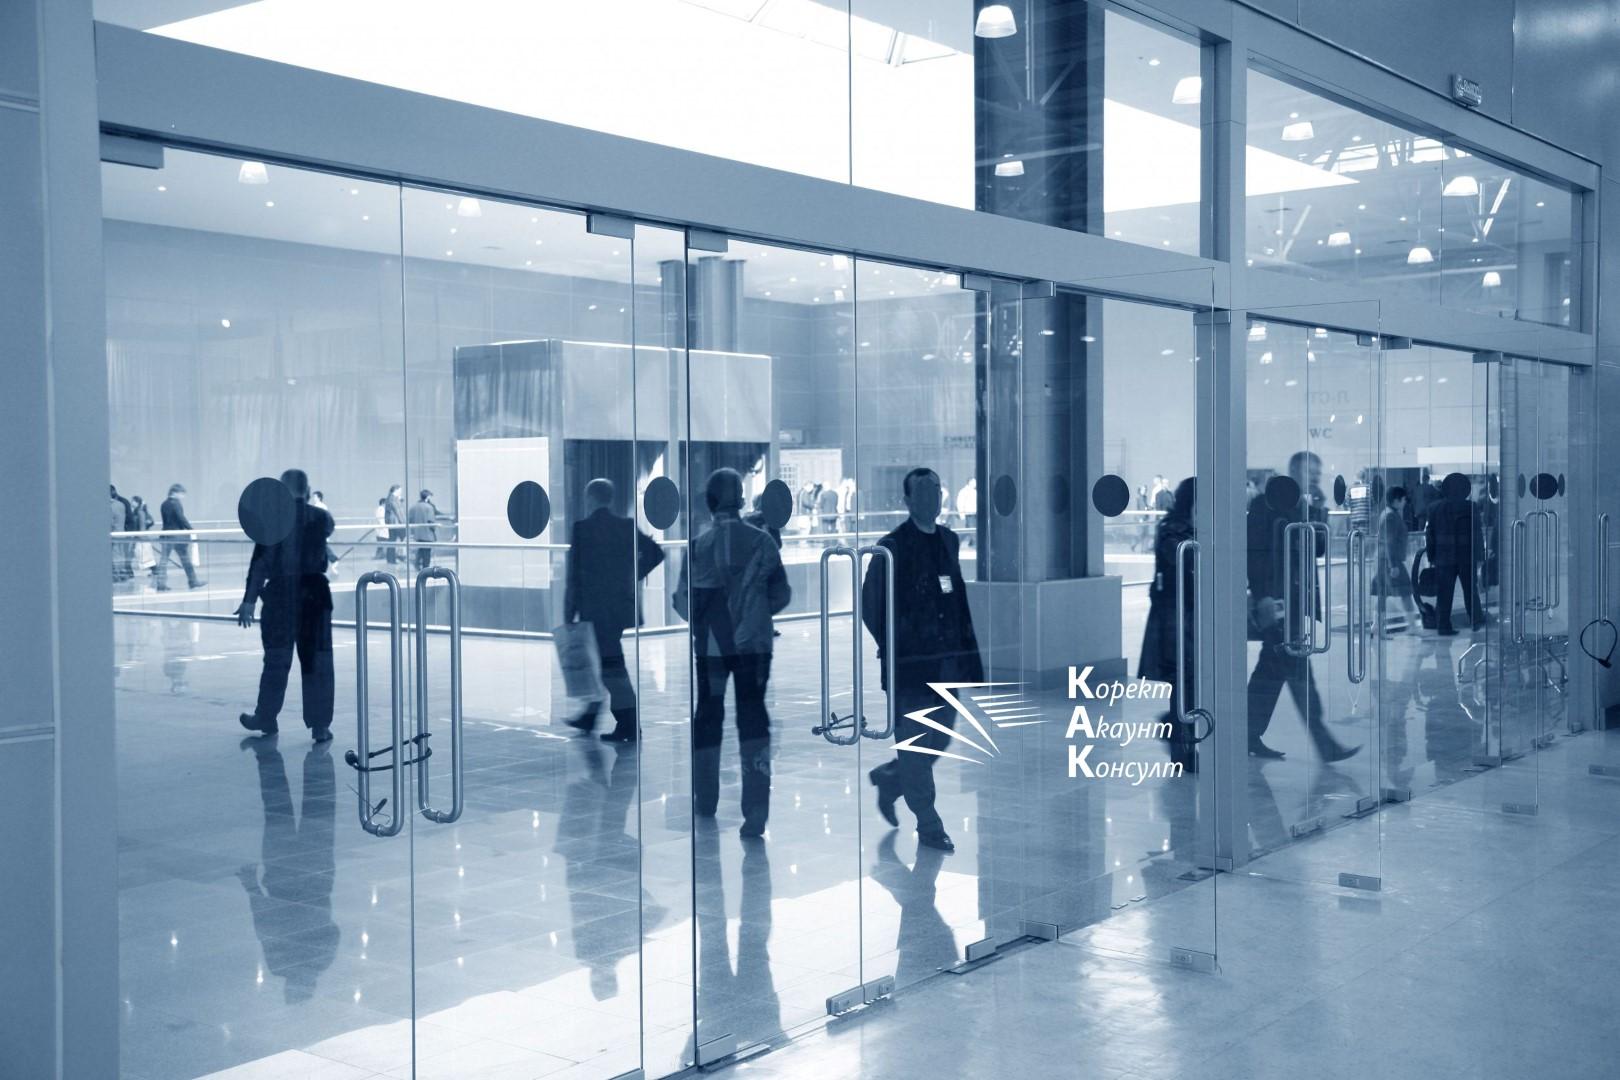 Ограничете посещенията в приходната агенция, ползвайте електронните услуги